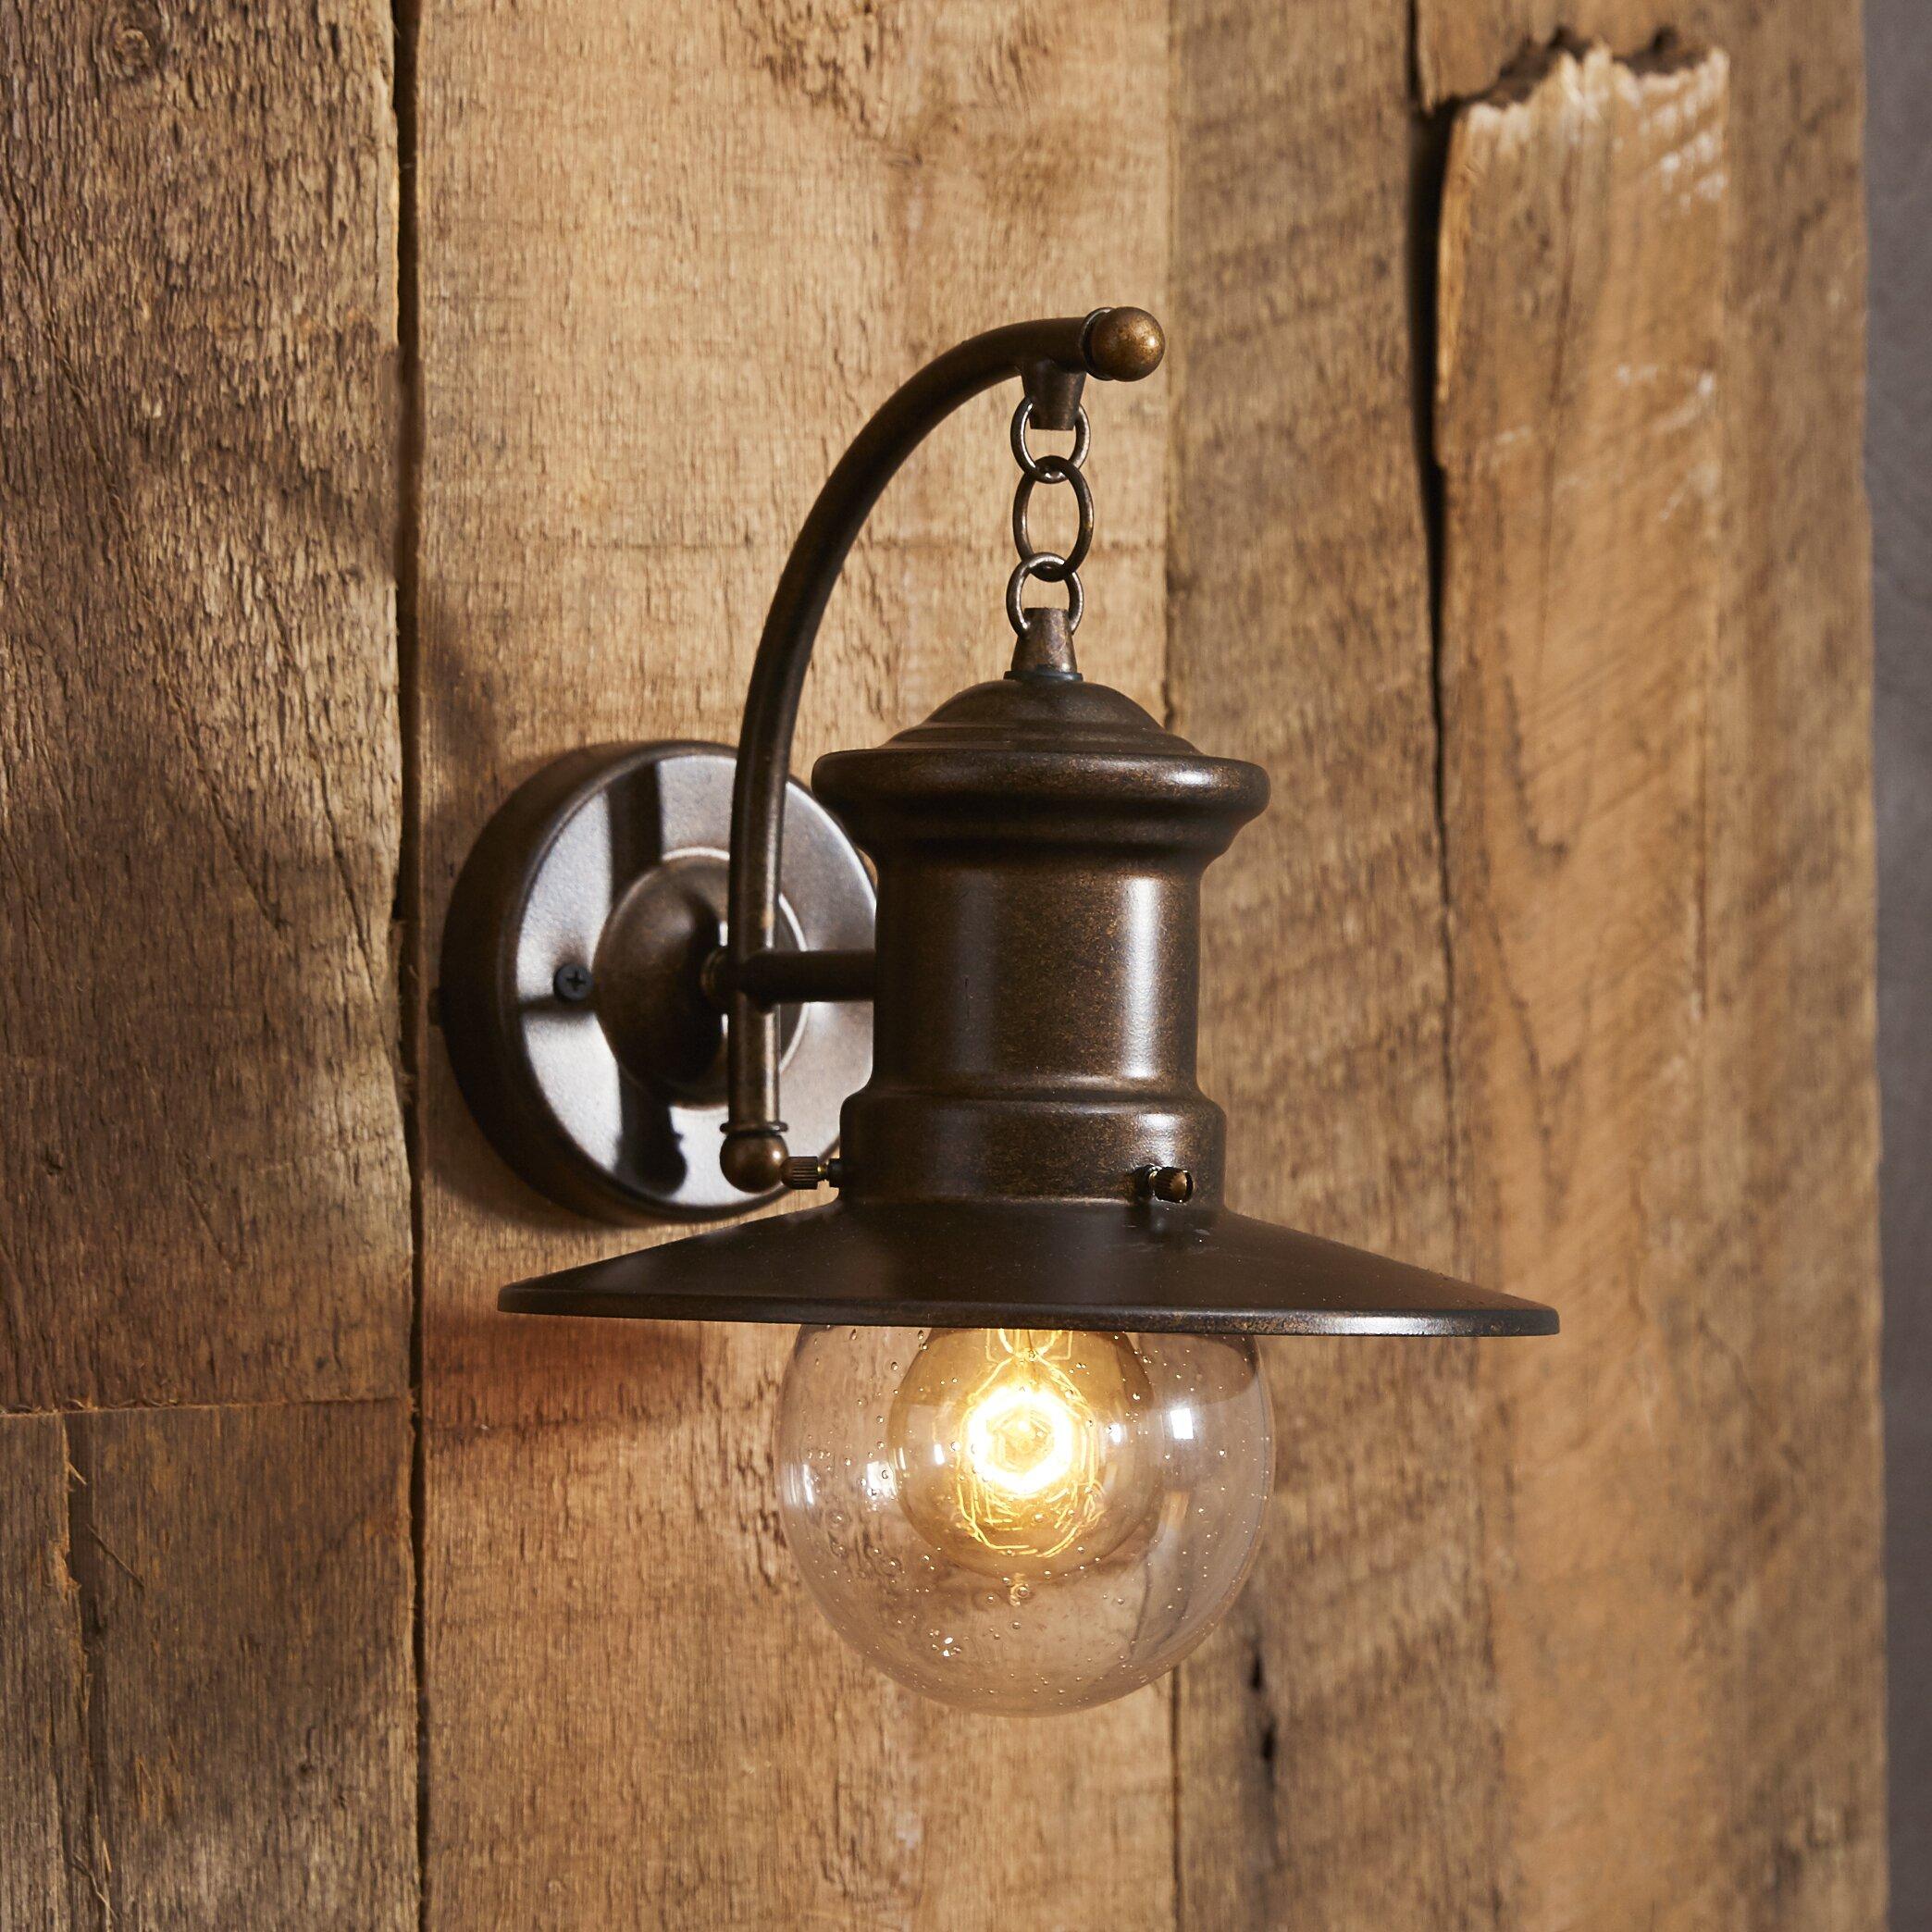 Lighting For Barns: Elk Lighting Maritime 1 Light Outdoor Barn Light & Reviews